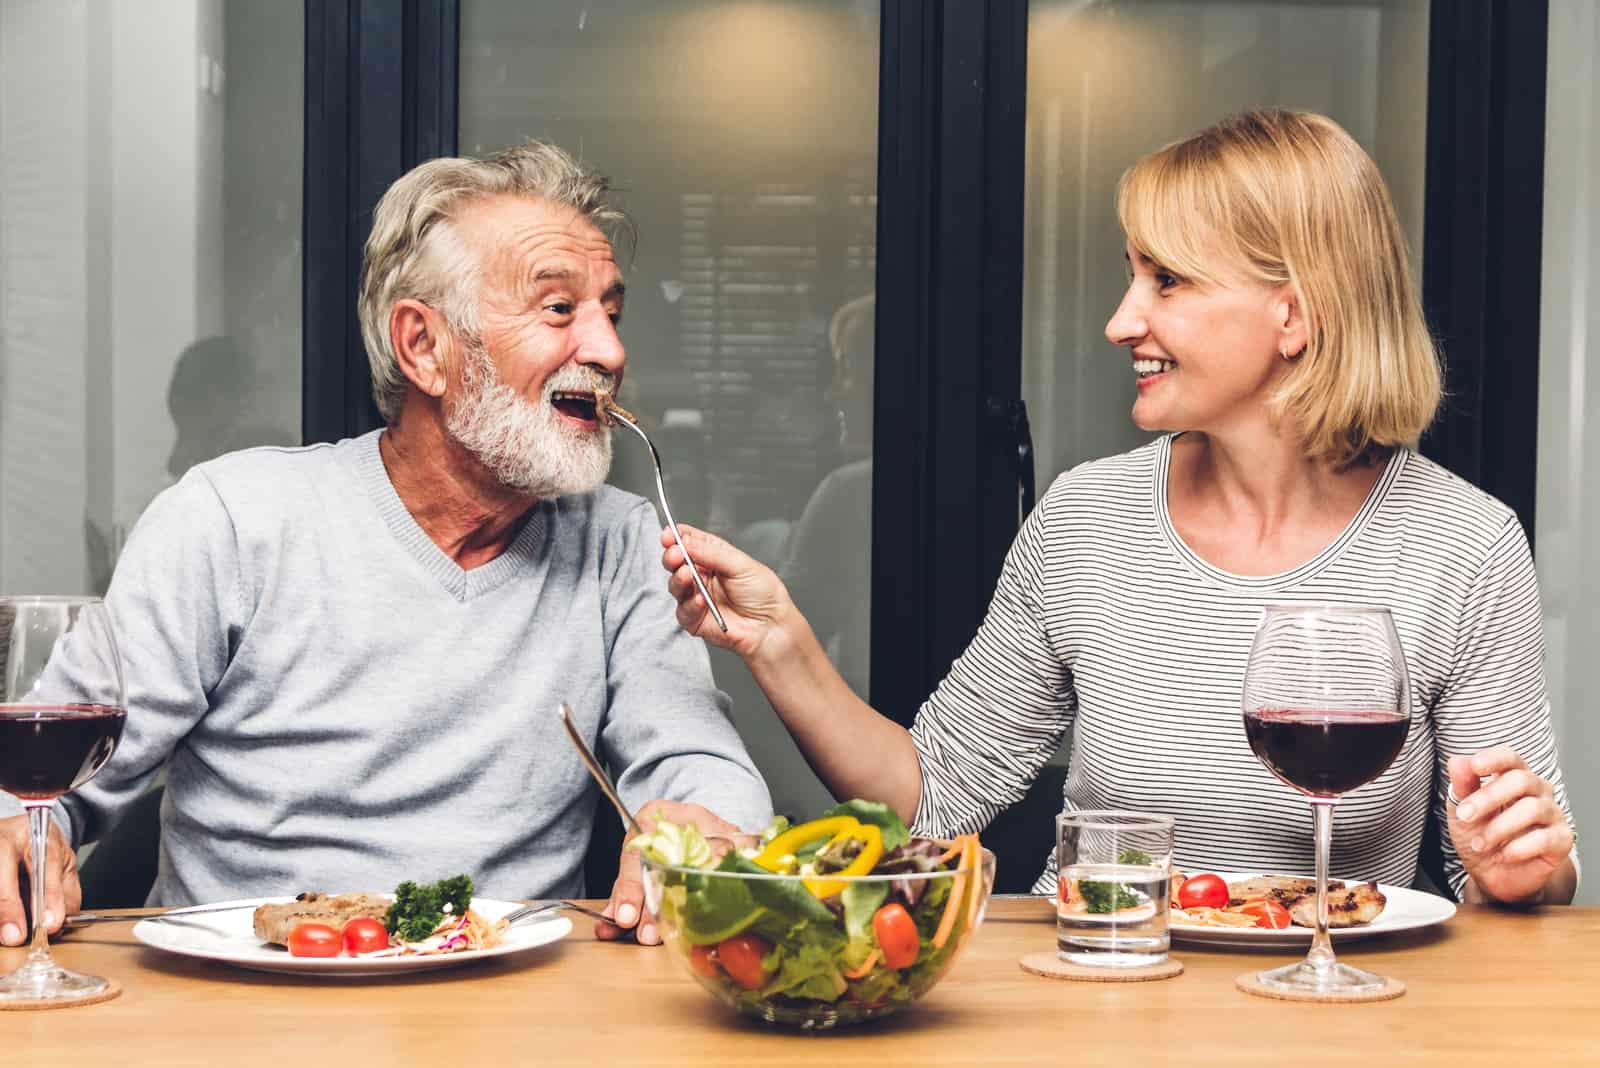 un homme et une femme plus âgés mangent à la maison